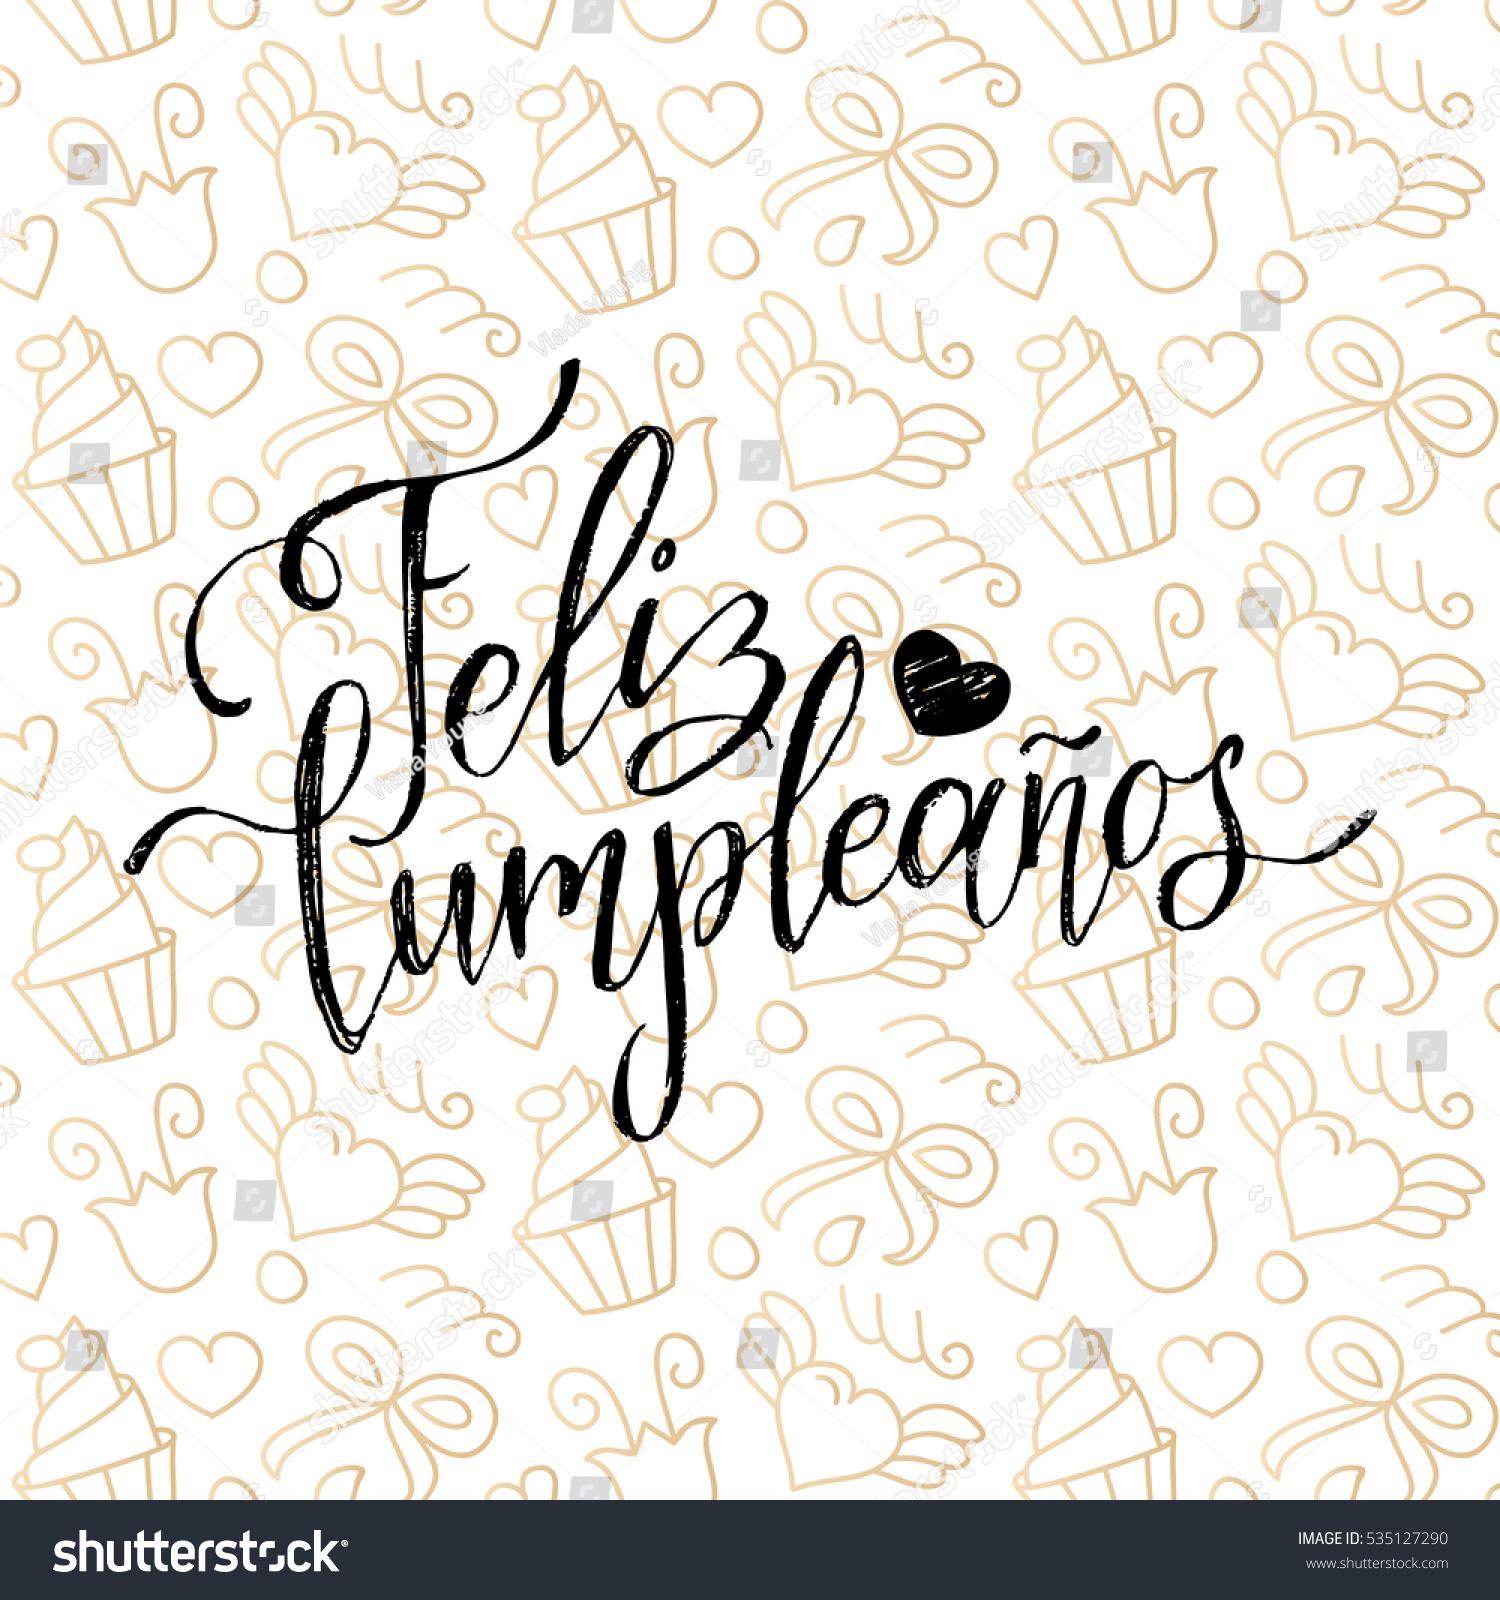 Vector feliz cumpleanos translated happy birthday - Feliz cumpleanos letras ...